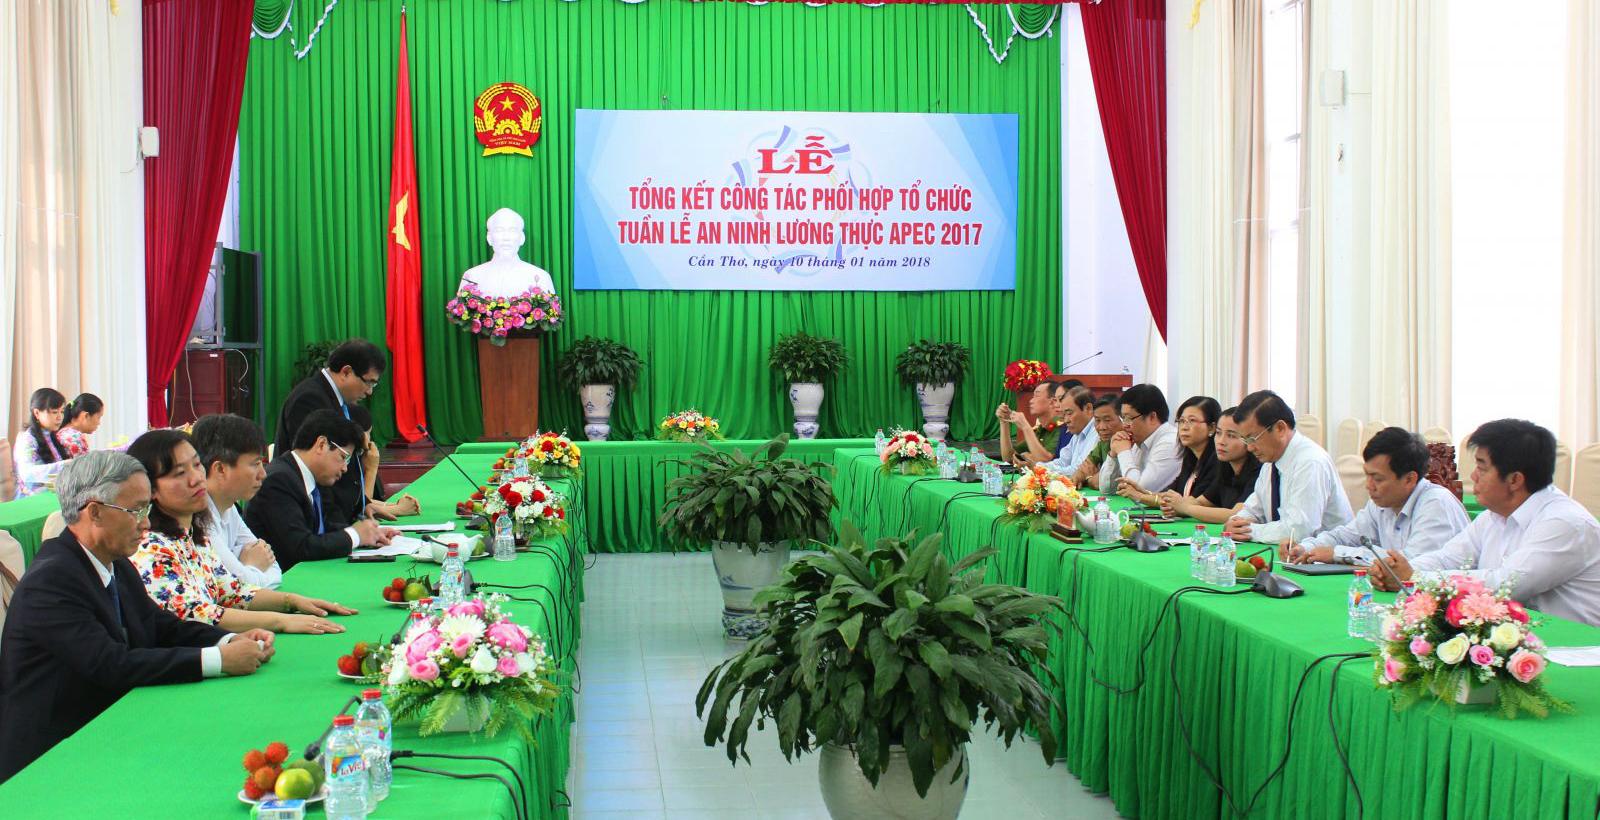 Lãnh đạo Bộ NN&PTNT và TP Cần Thơ tham dự Lễ tổng kết. Ảnh: ANH KHOA